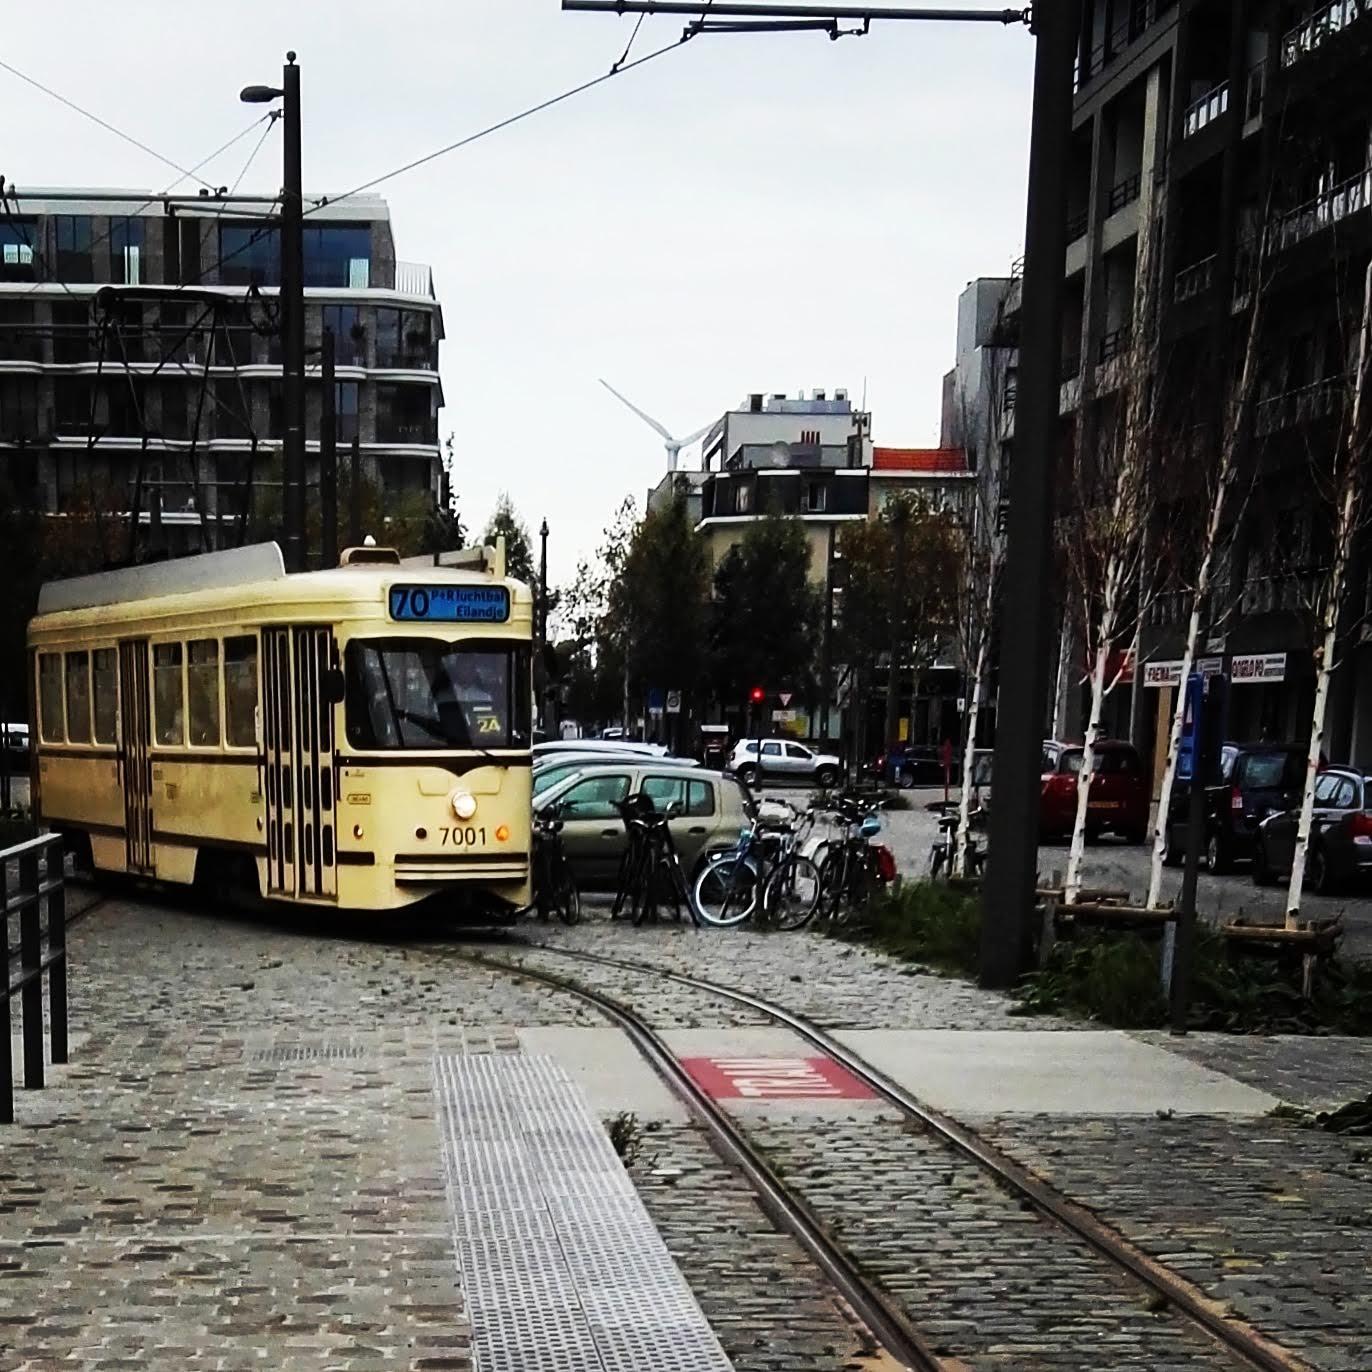 Antwerpen Tramlijn 70, aankomst bij halte het MAS